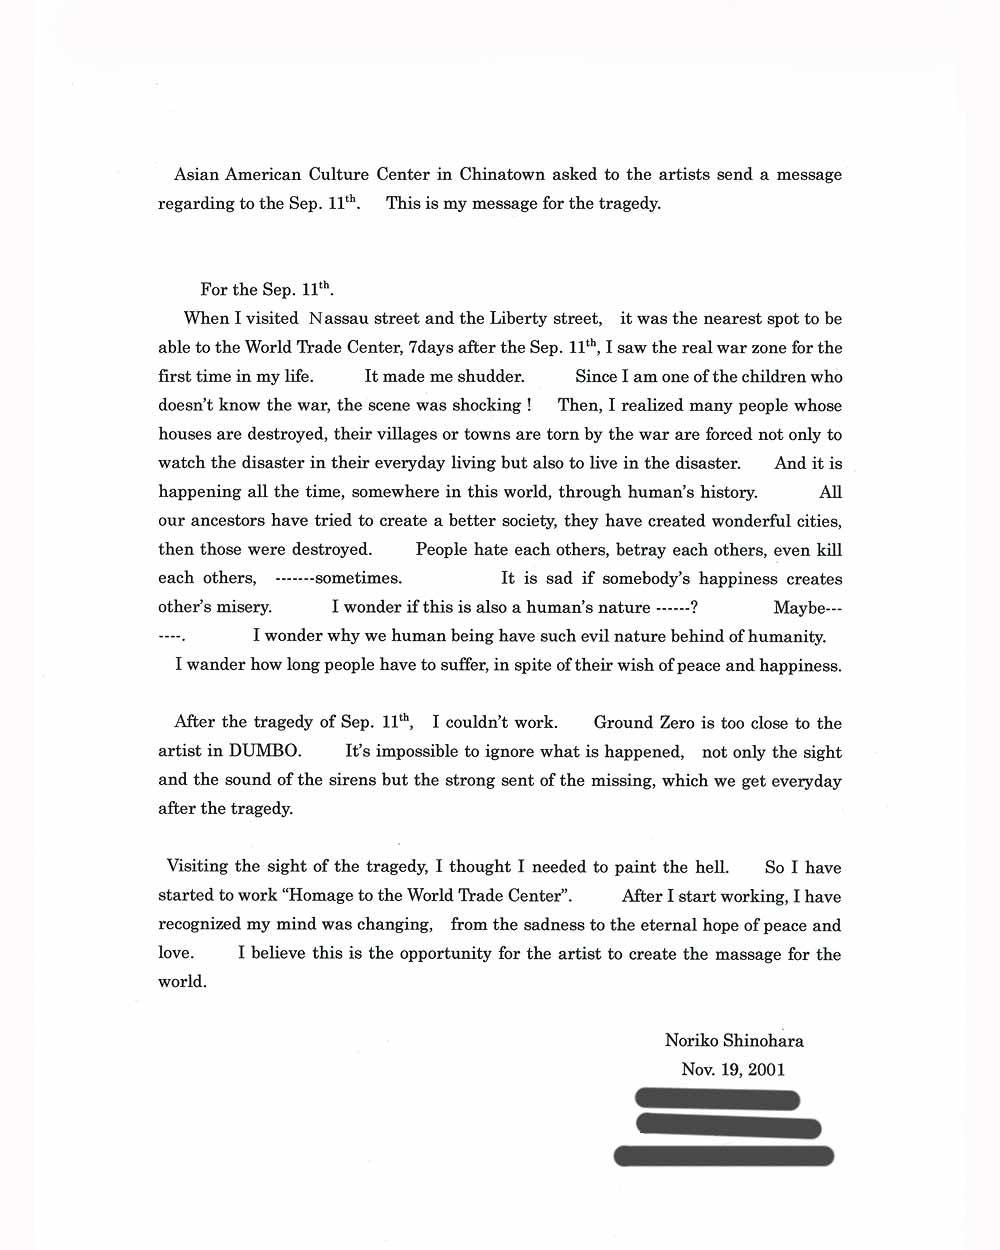 Noriko Shinohara's Artist Statement, 2001